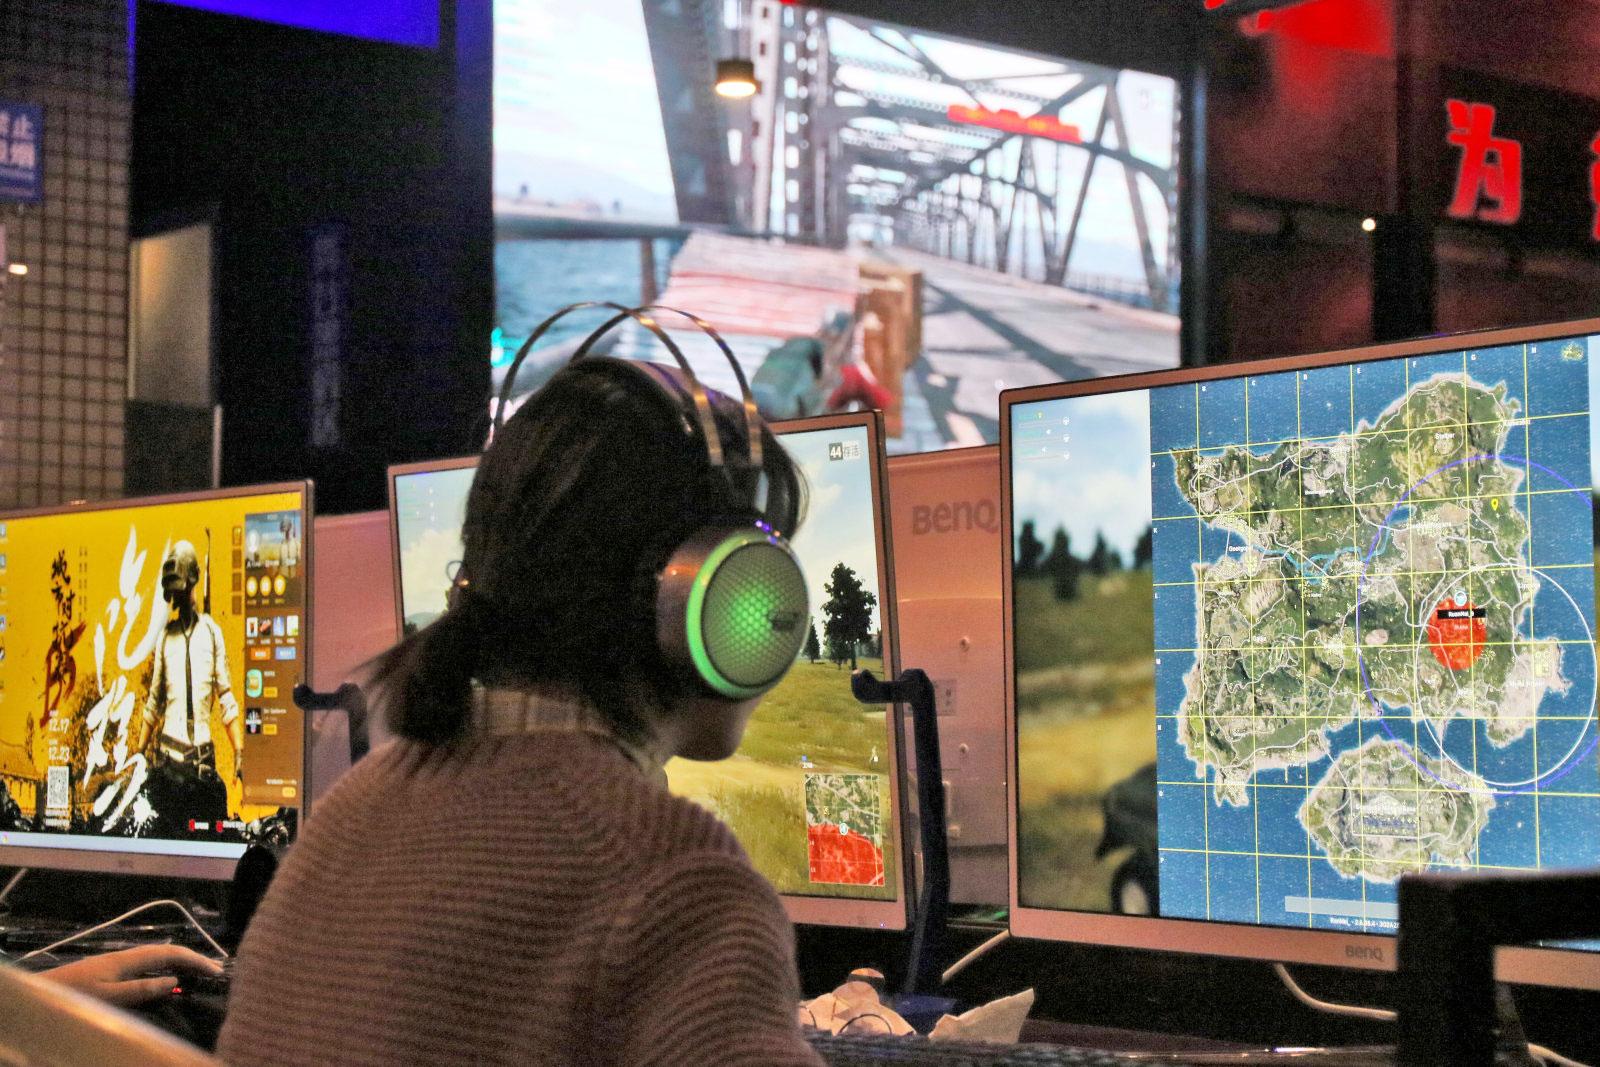 《绝地求生》开发方:Epic Games 的《堡垒之夜》对战模式侵权了